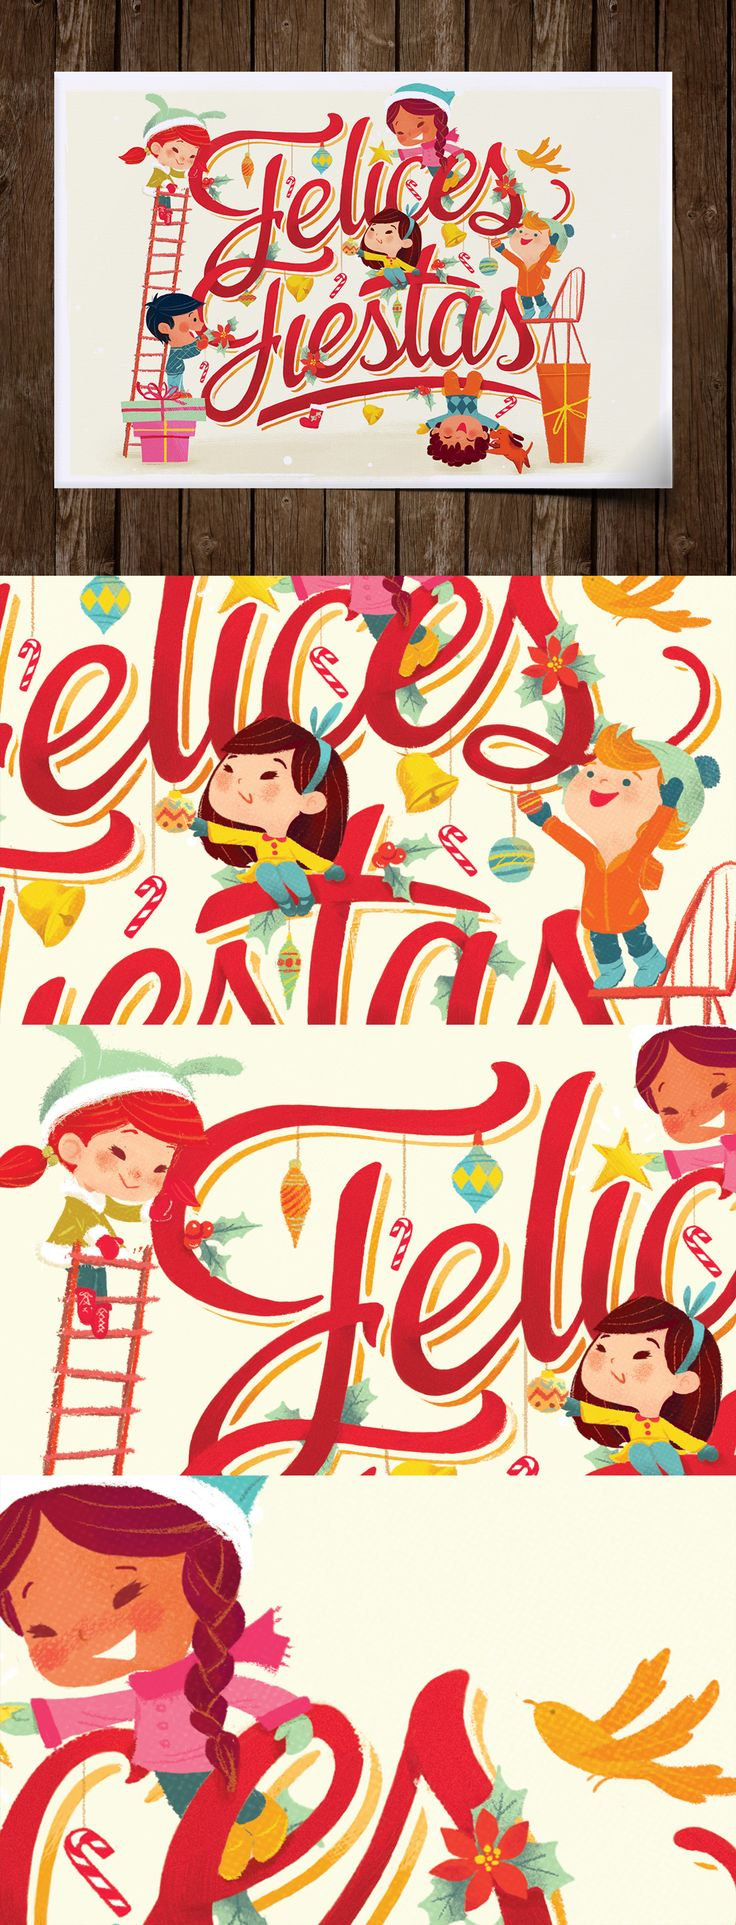 Diseño e Ilustración de Postal navideña para UNICEF México mediante técnicas tradicionales y digitales.Para este proyecto contamos con la estupenda colaboración de Gemma Román https://www.behance.net/gemma_romanhttps://www.facebook.com/GemmaRomanArt